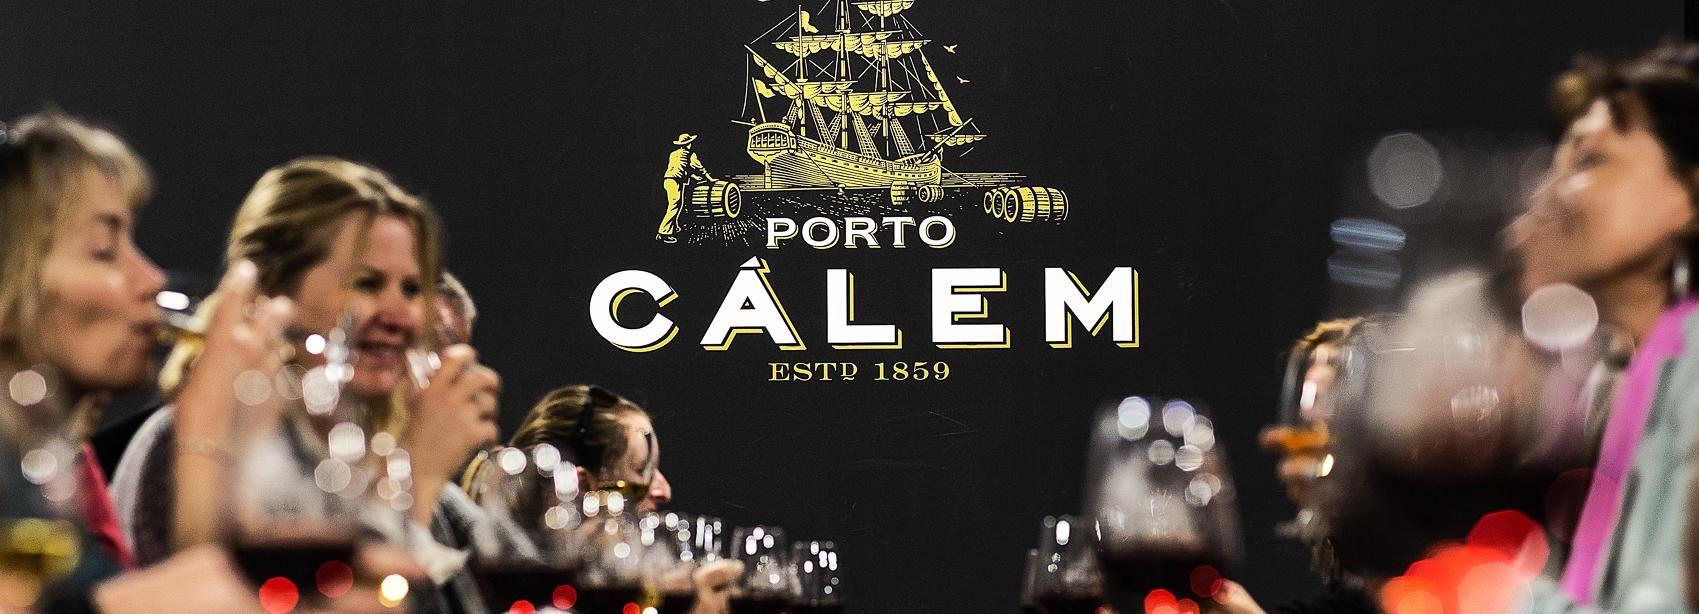 Porto: Adegas de Cálem, Museu Interativo e Degustação Vinho